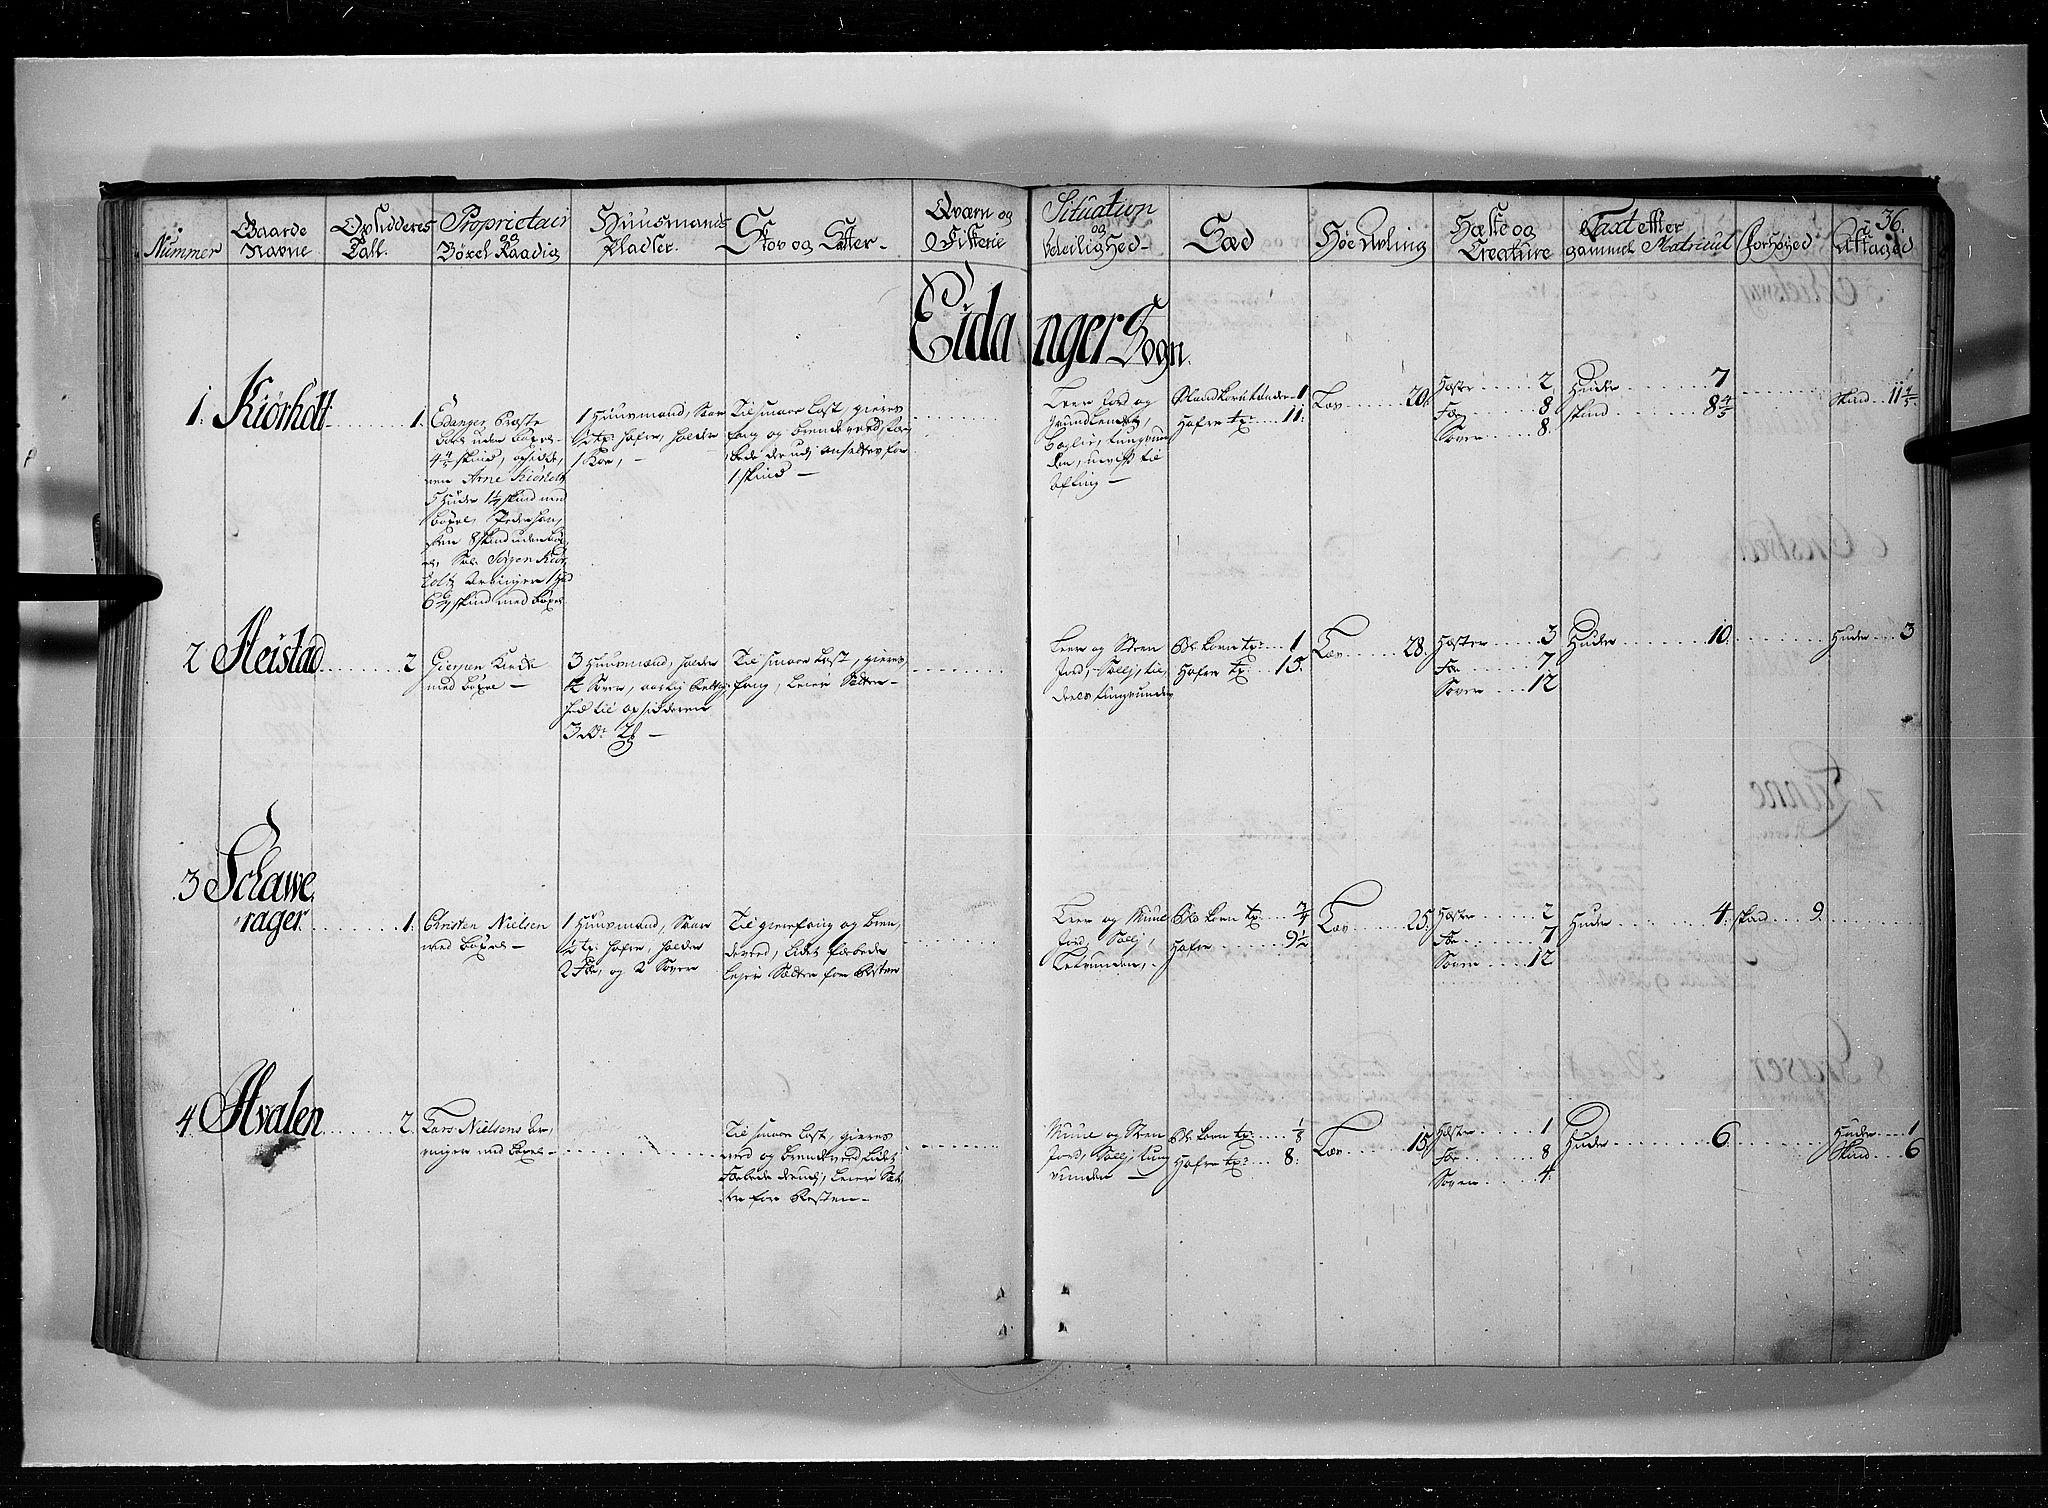 RA, Rentekammeret inntil 1814, Realistisk ordnet avdeling, N/Nb/Nbf/L0119: Bamble eksaminasjonsprotokoll, 1723, s. 35b-36a